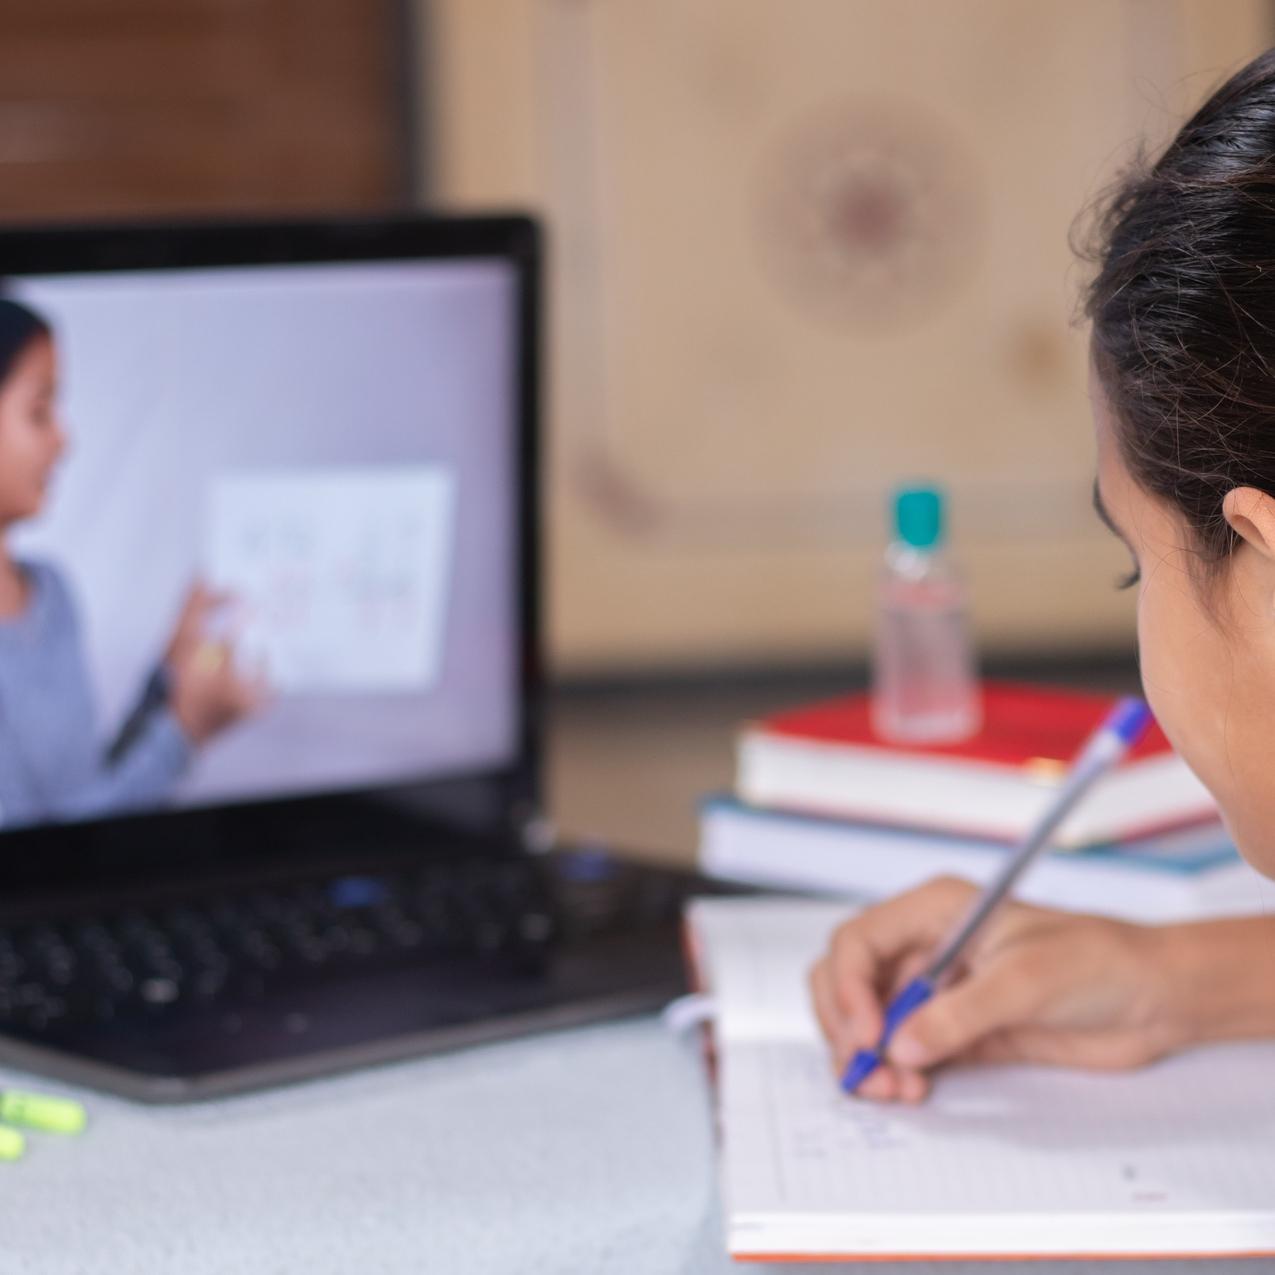 【オンライン授業と少人数クラス…その効果と課題】教育現場における「効率」を考える